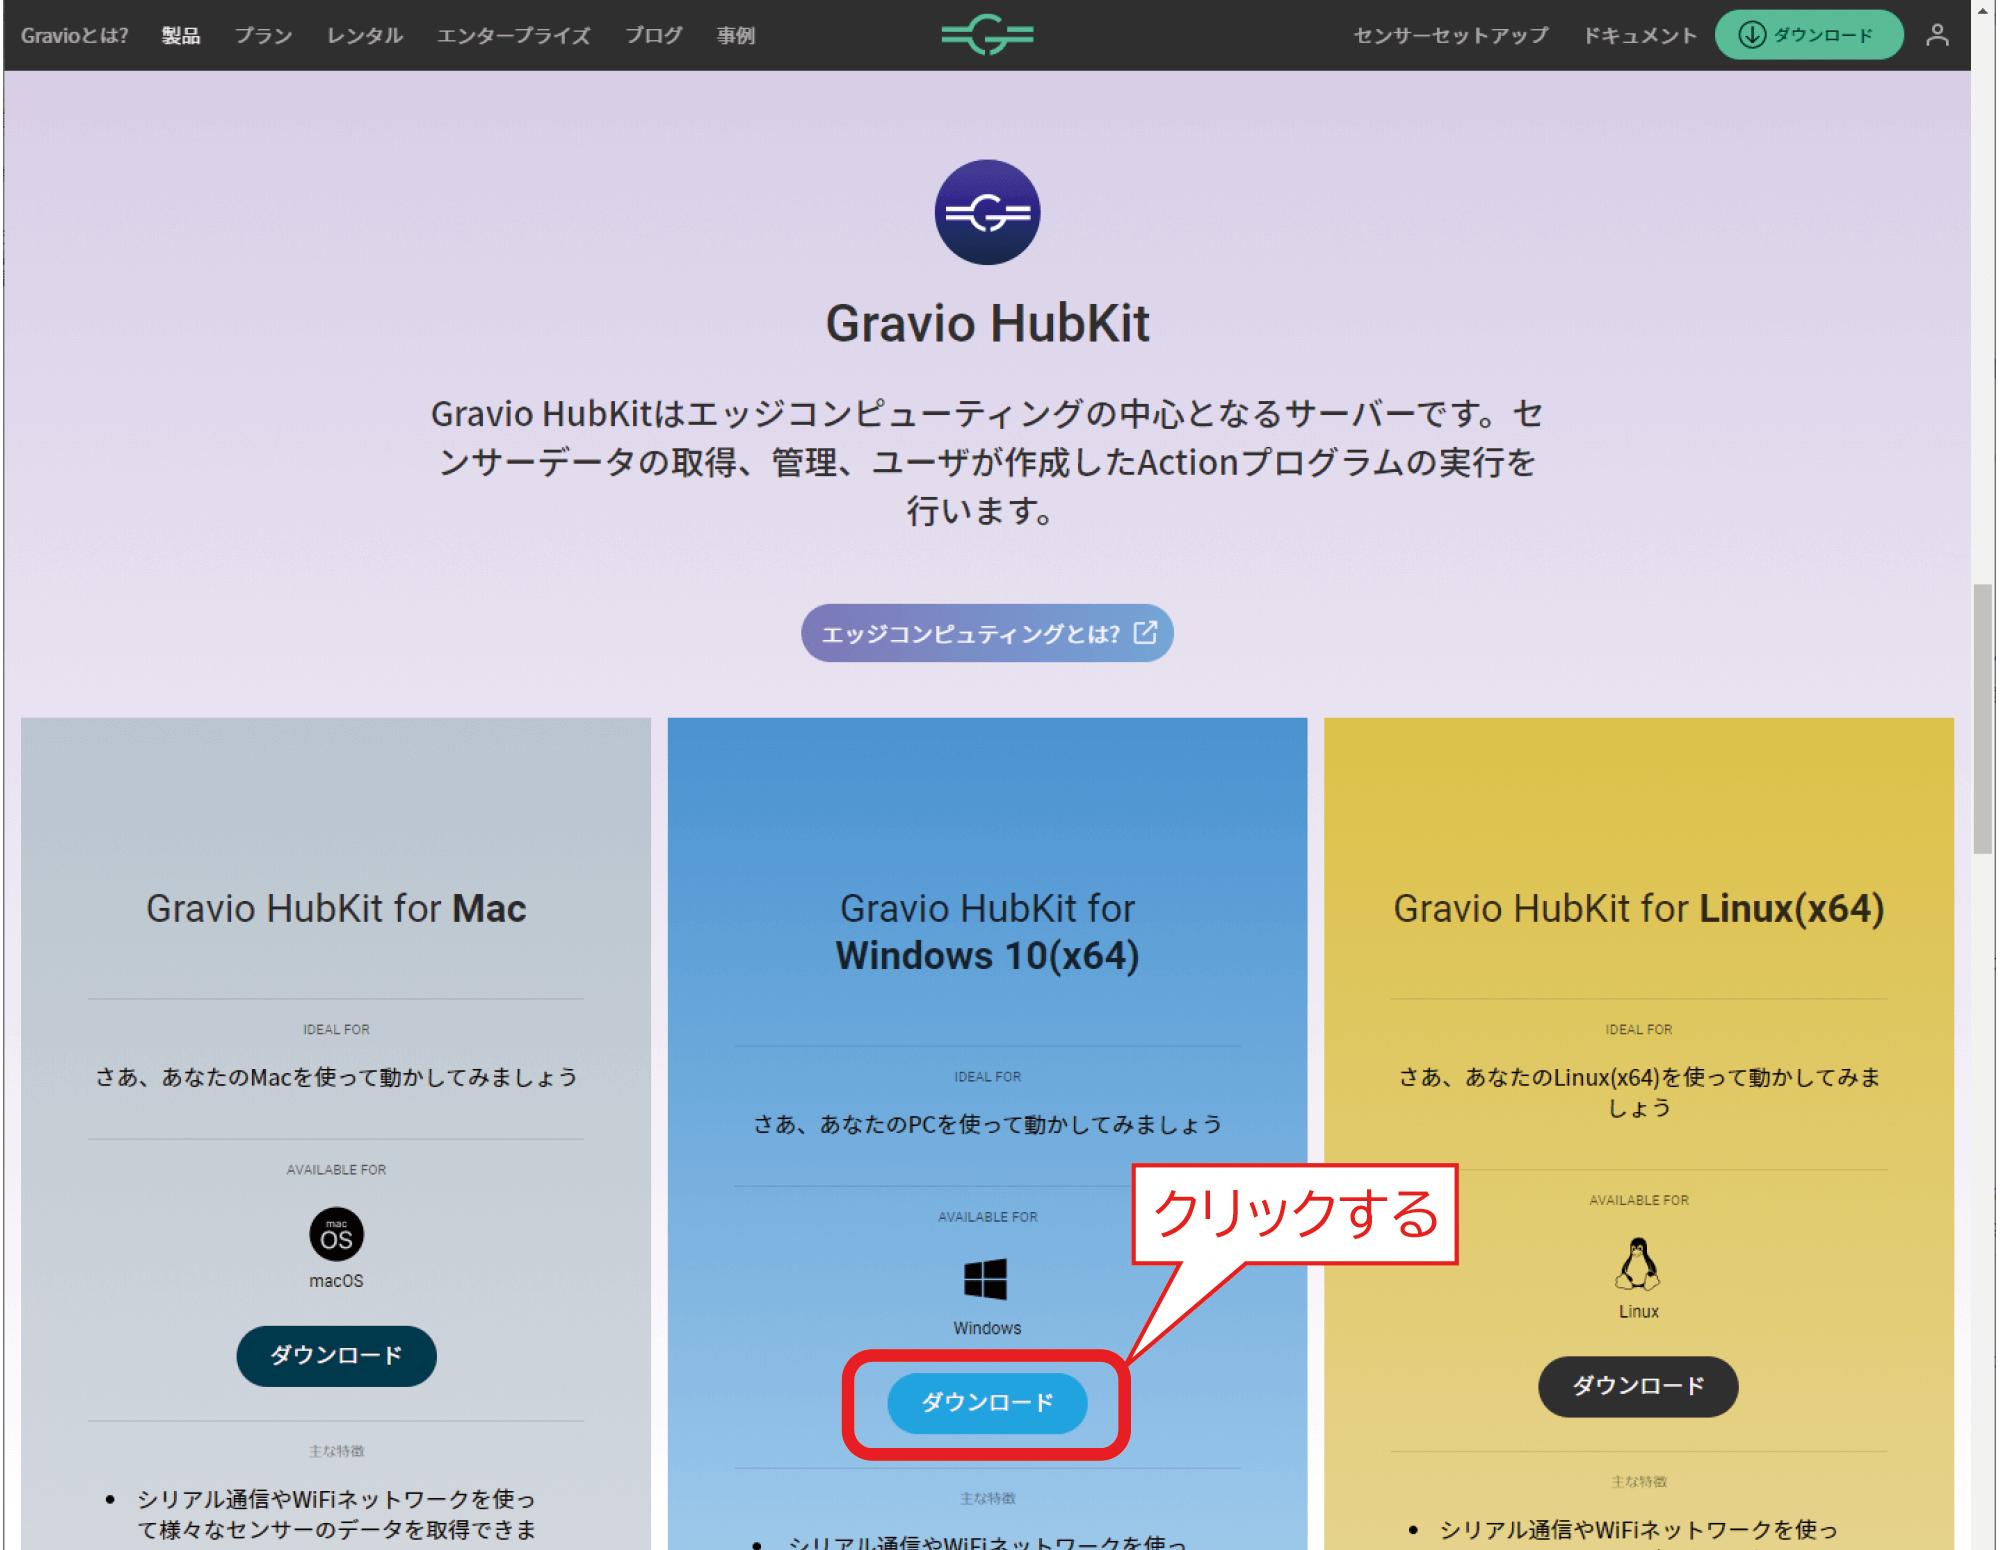 Gravio HubKit ダウンロードボタン